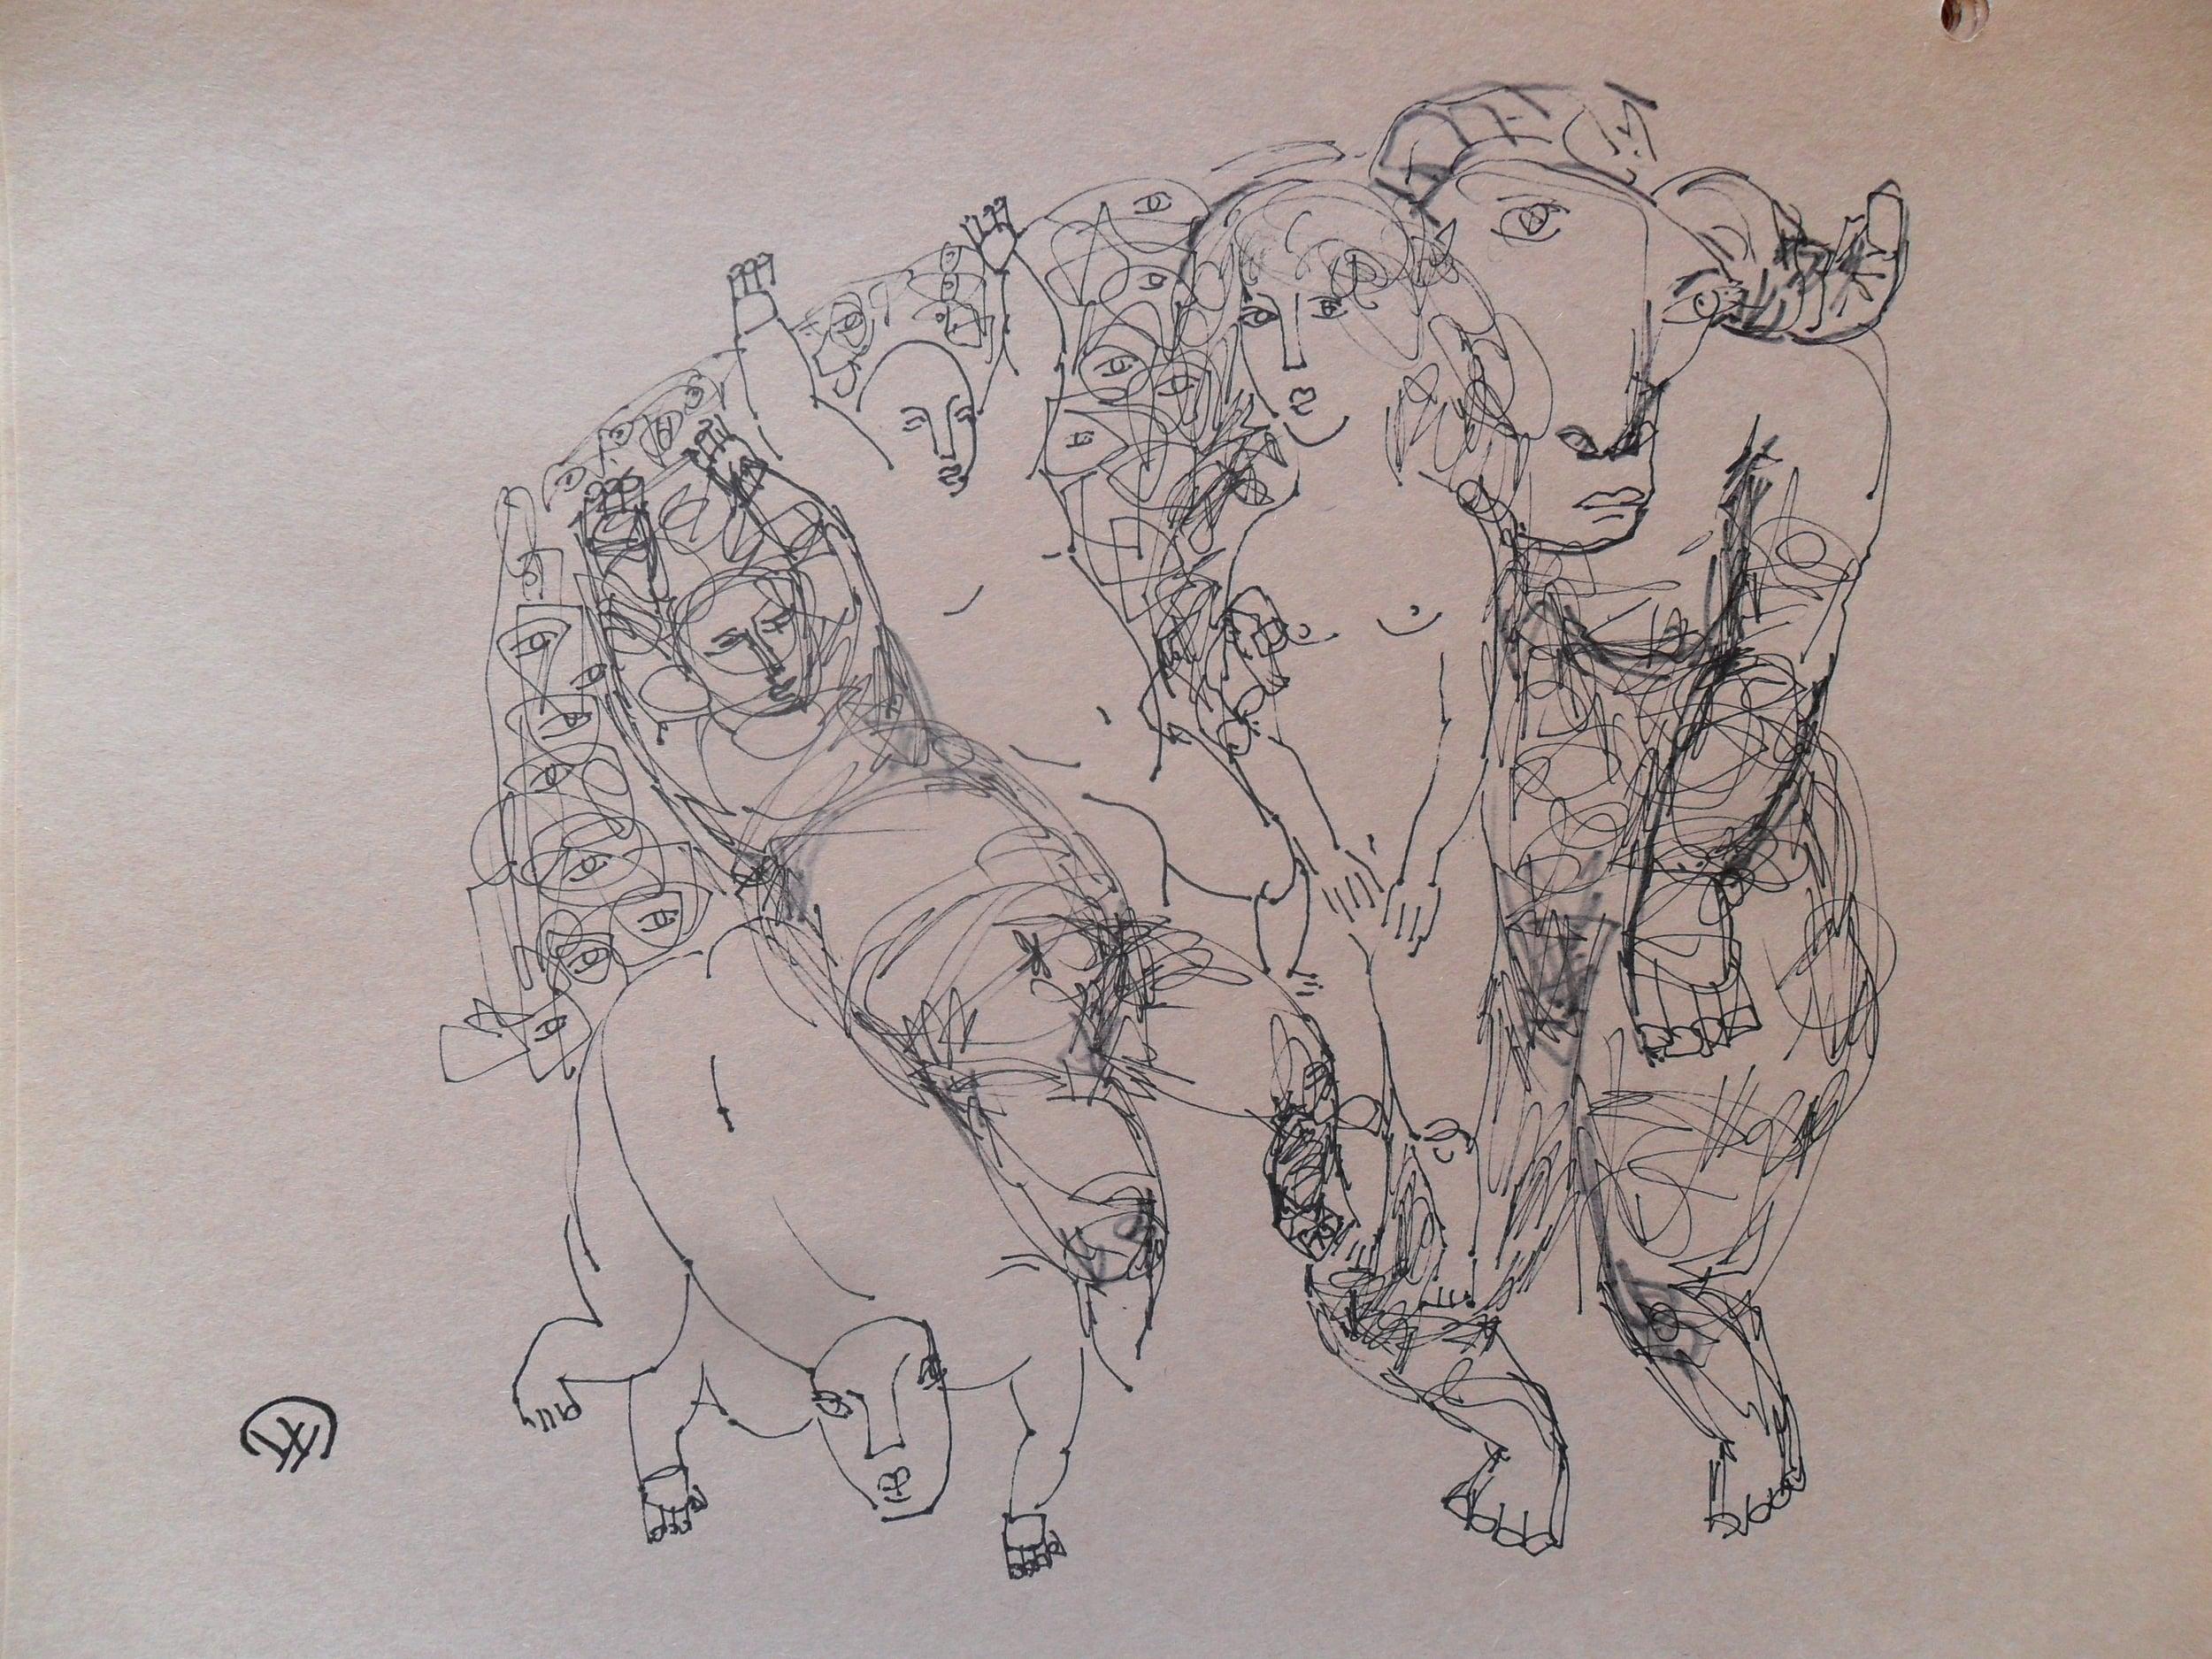 《现代罗汉图》#49纸本15x11英寸2010-2012.JPG